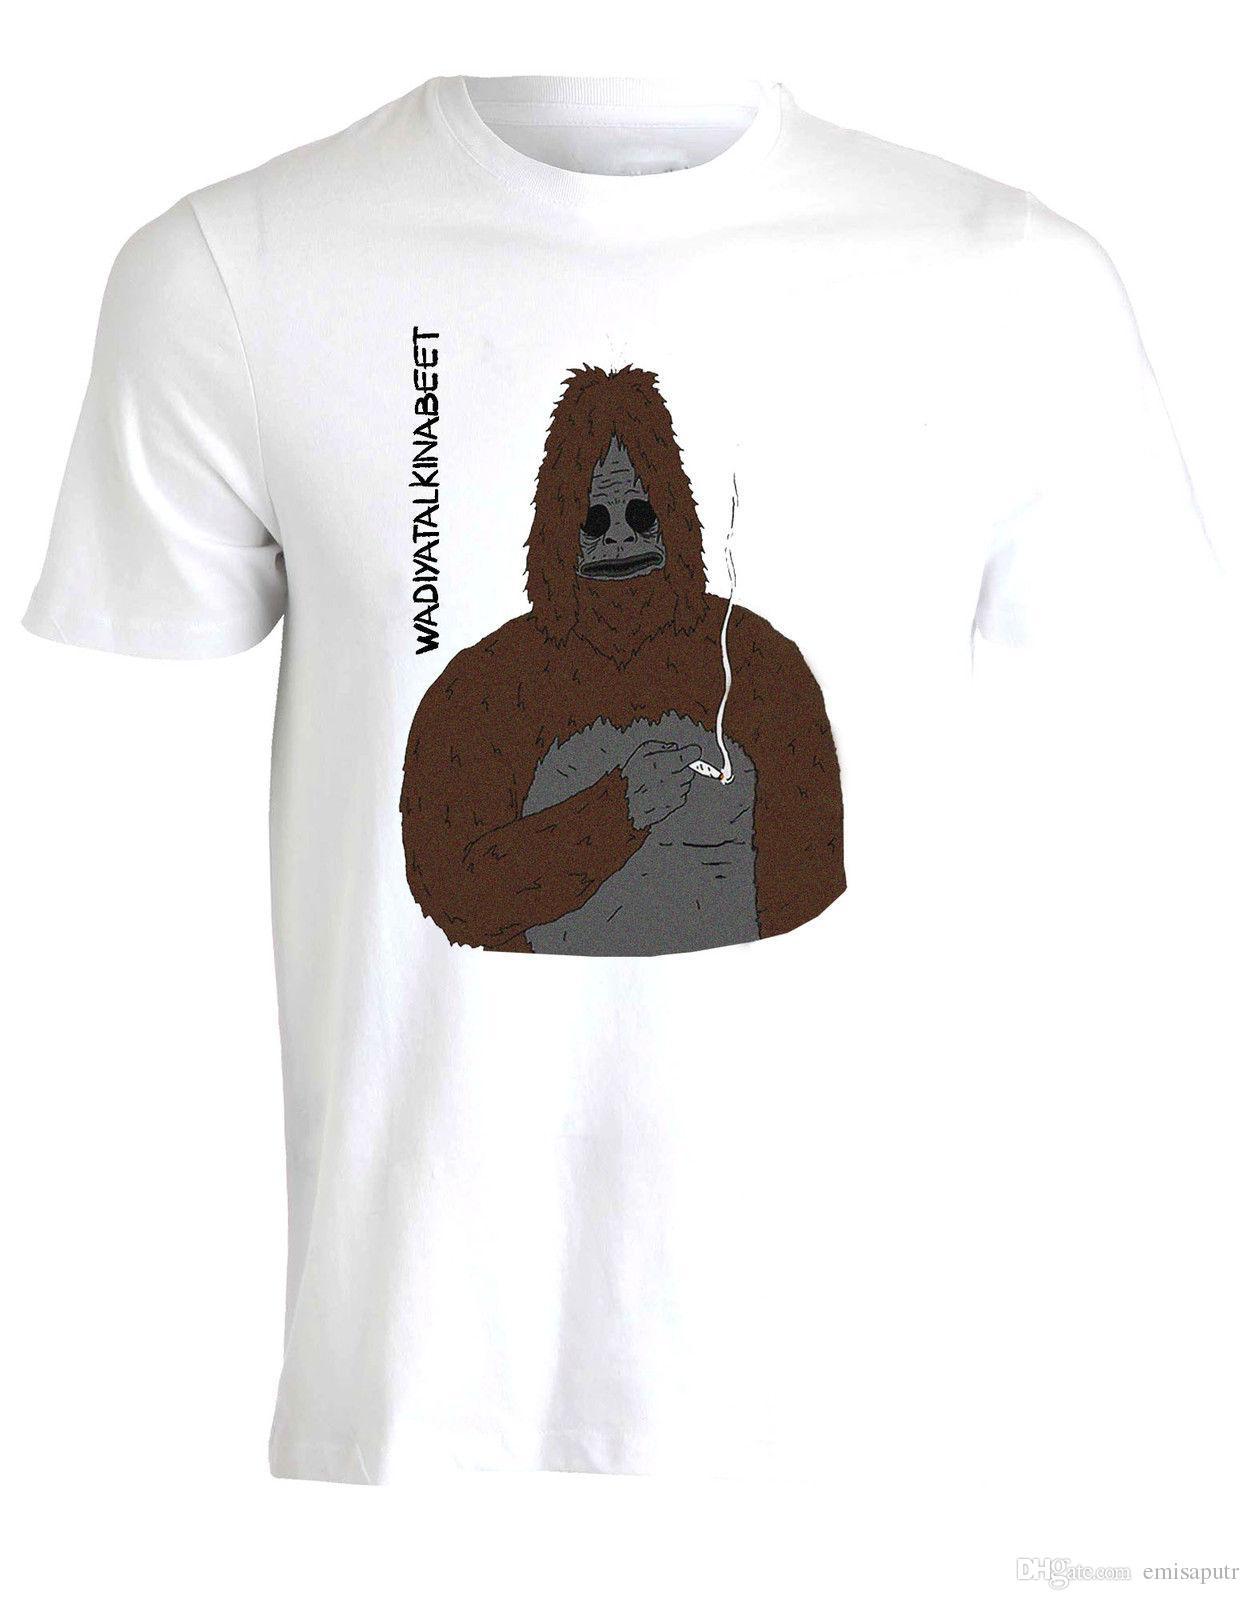 a3af0d35 Sassy The Sasquatch Big Lez Show Whatcha Parlare Frase Funny T Shirt Da  Uomo Great Tees Latest Designer T Shirts From Emisaputr, $10.76| DHgate.Com